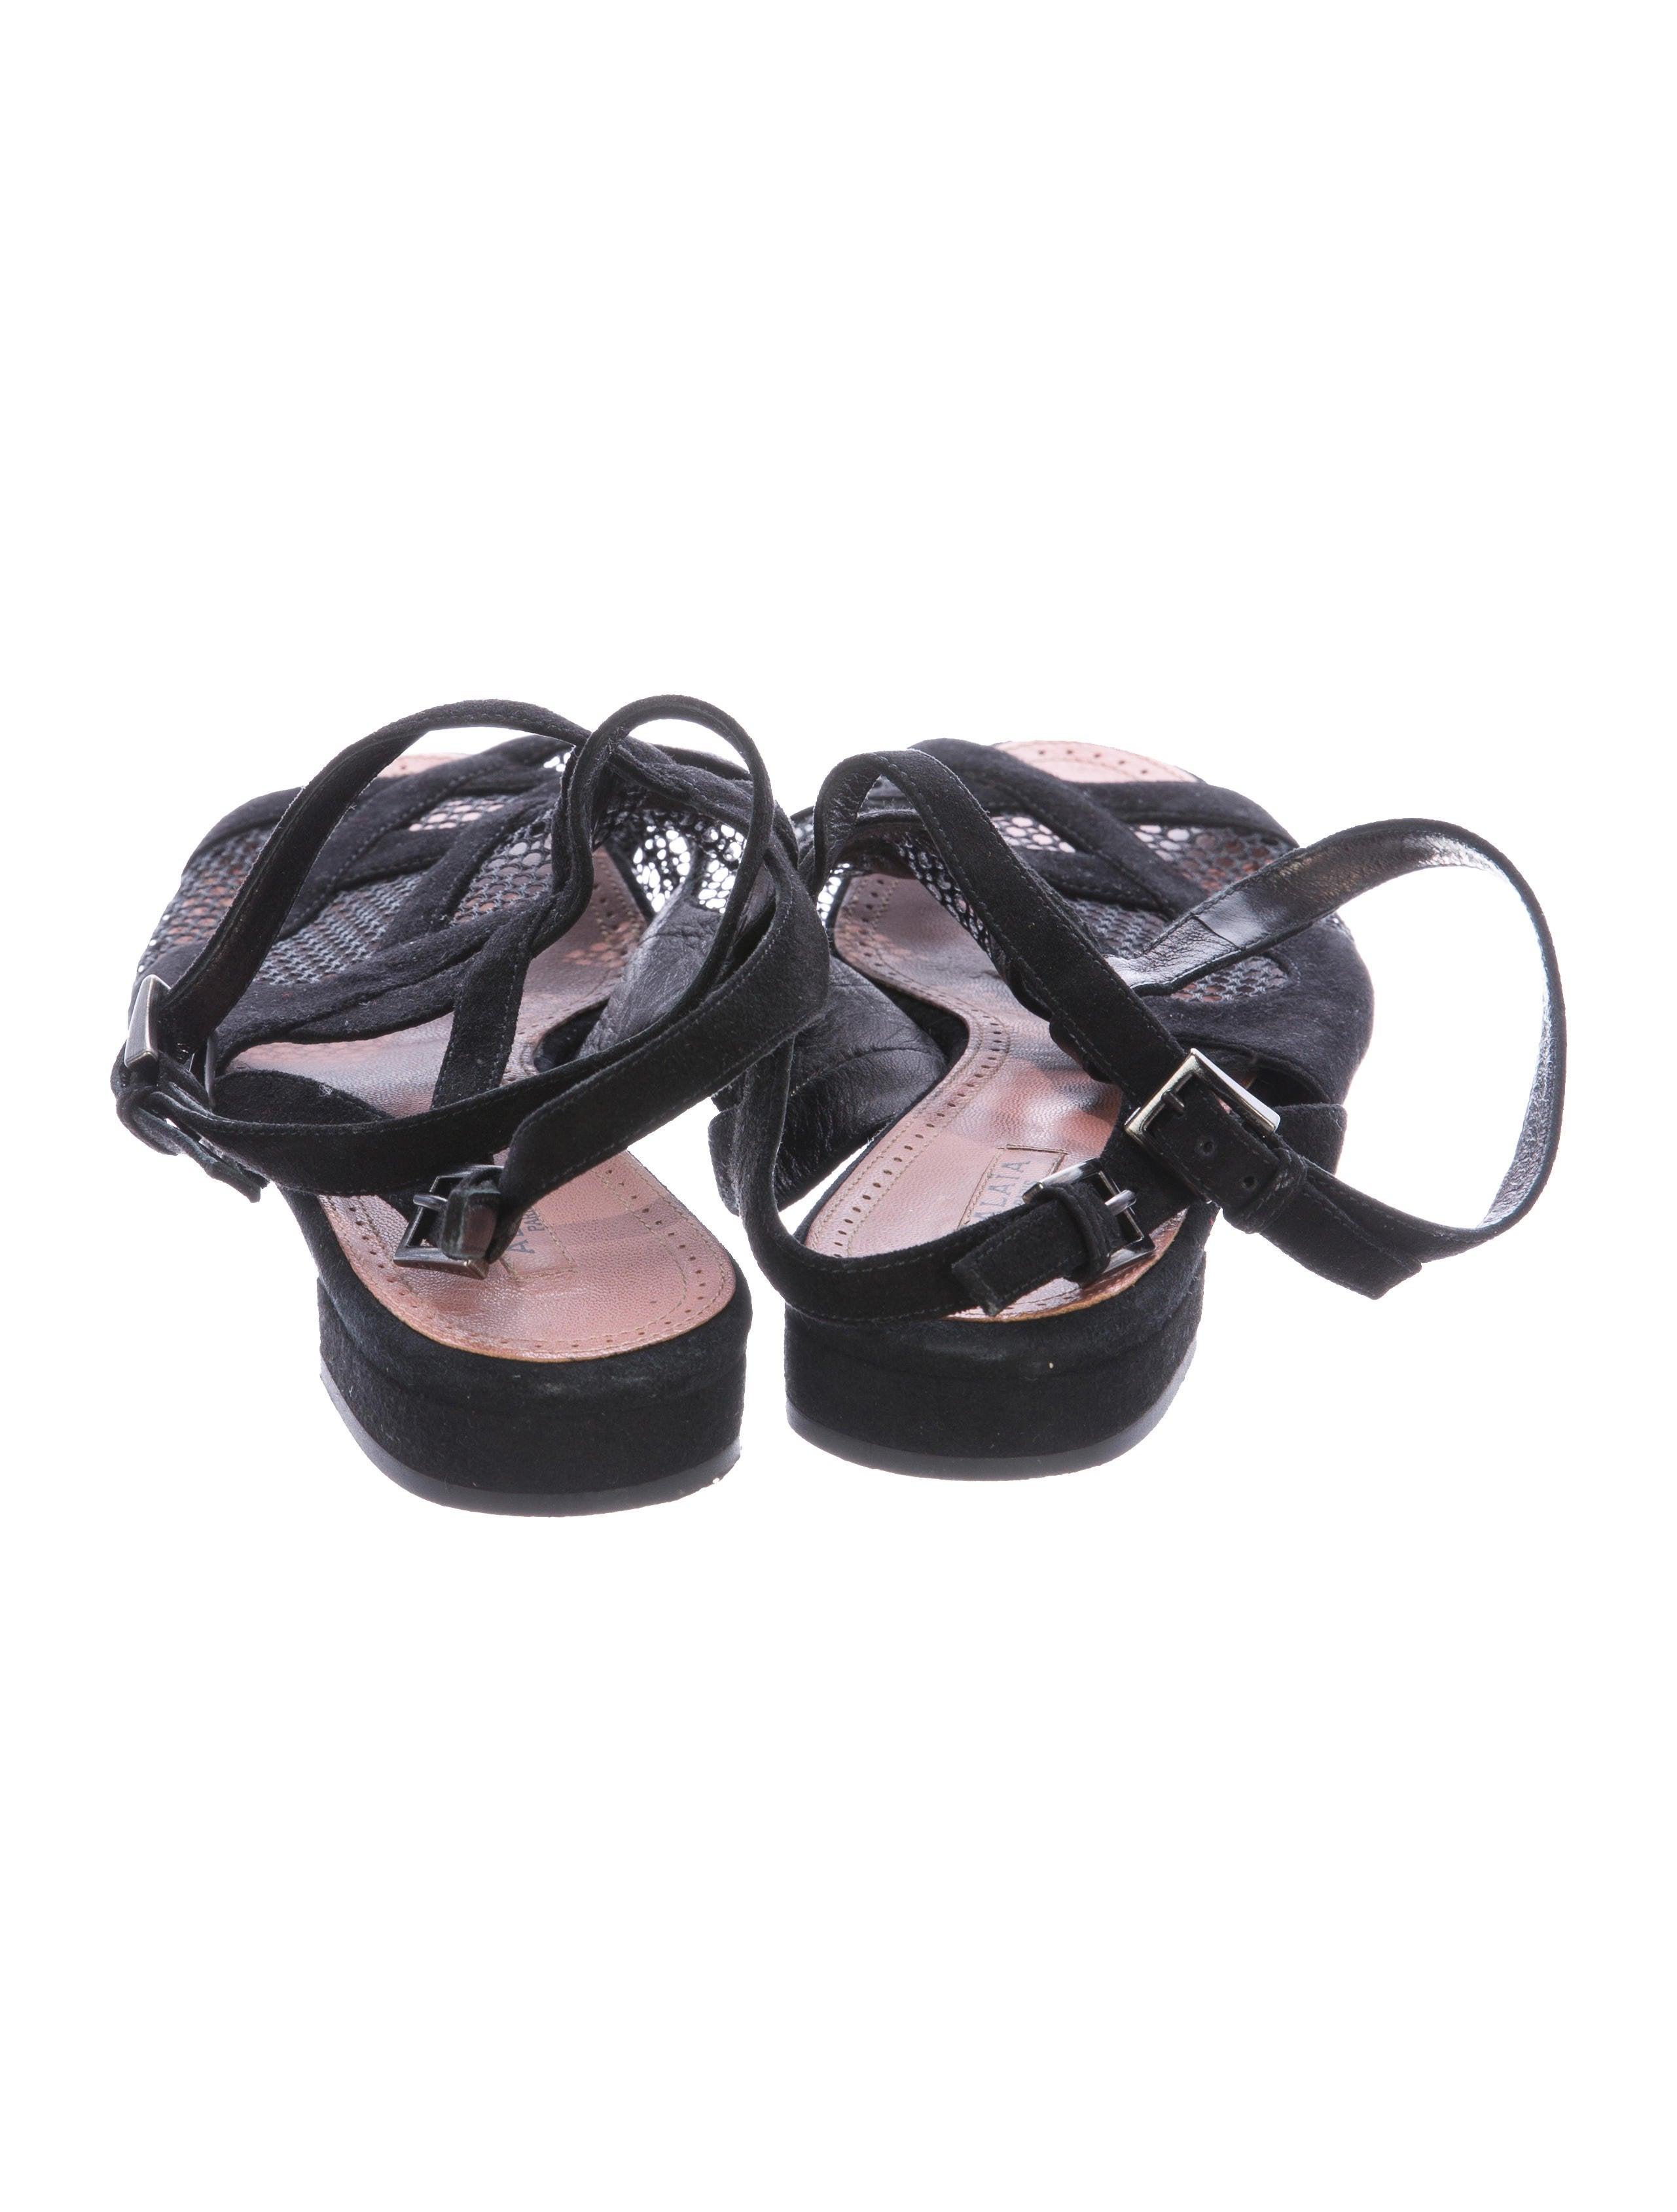 sale pre order Alaïa Mesh Multistrap Sandals outlet outlet visit new bUIA5